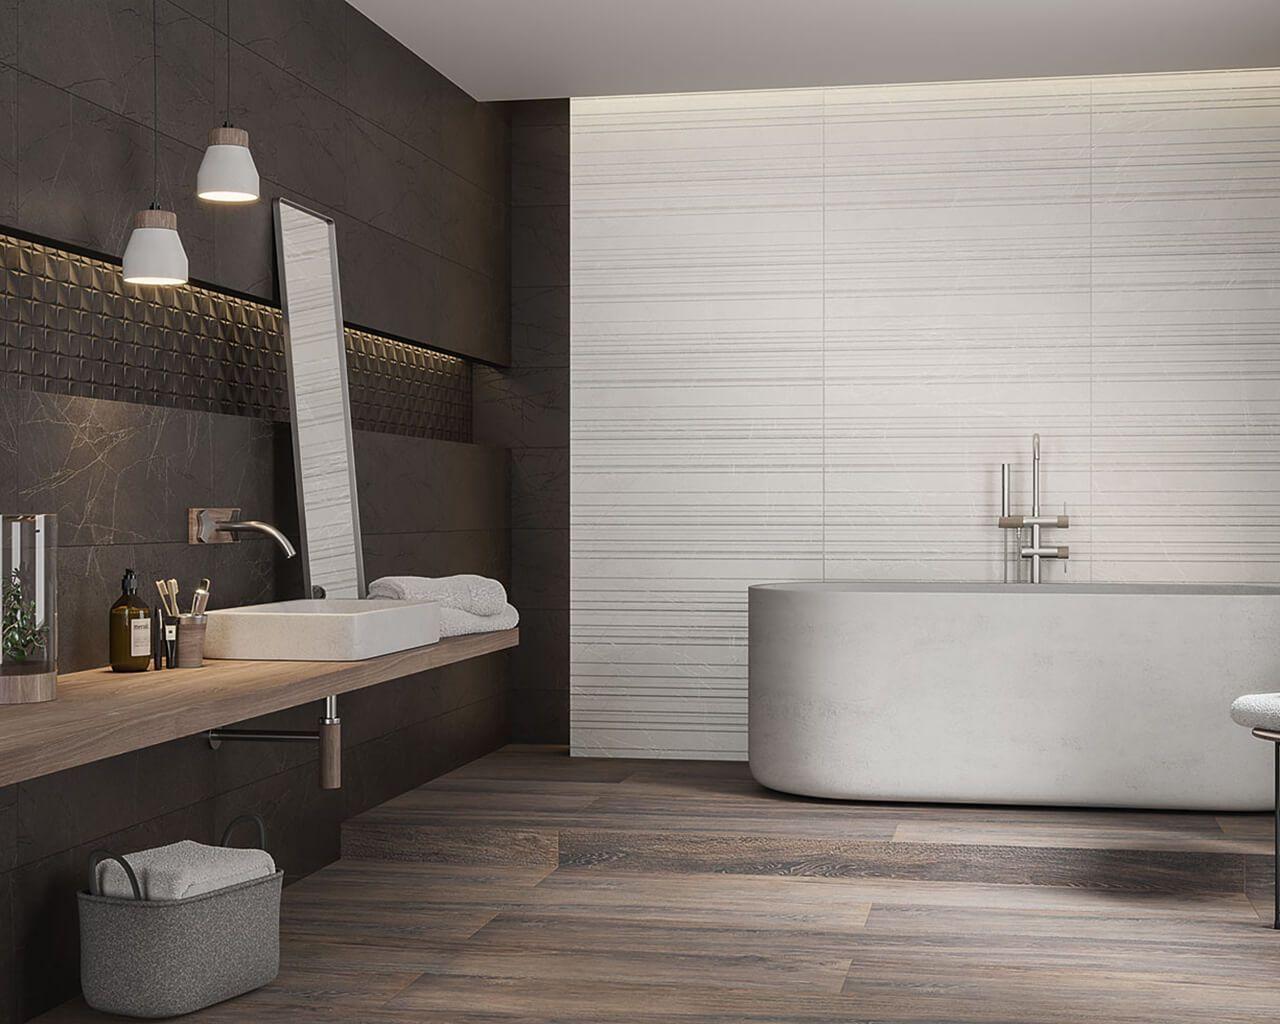 Grau, Beige, Textur und Holz in einem modernen Badezimmer ...